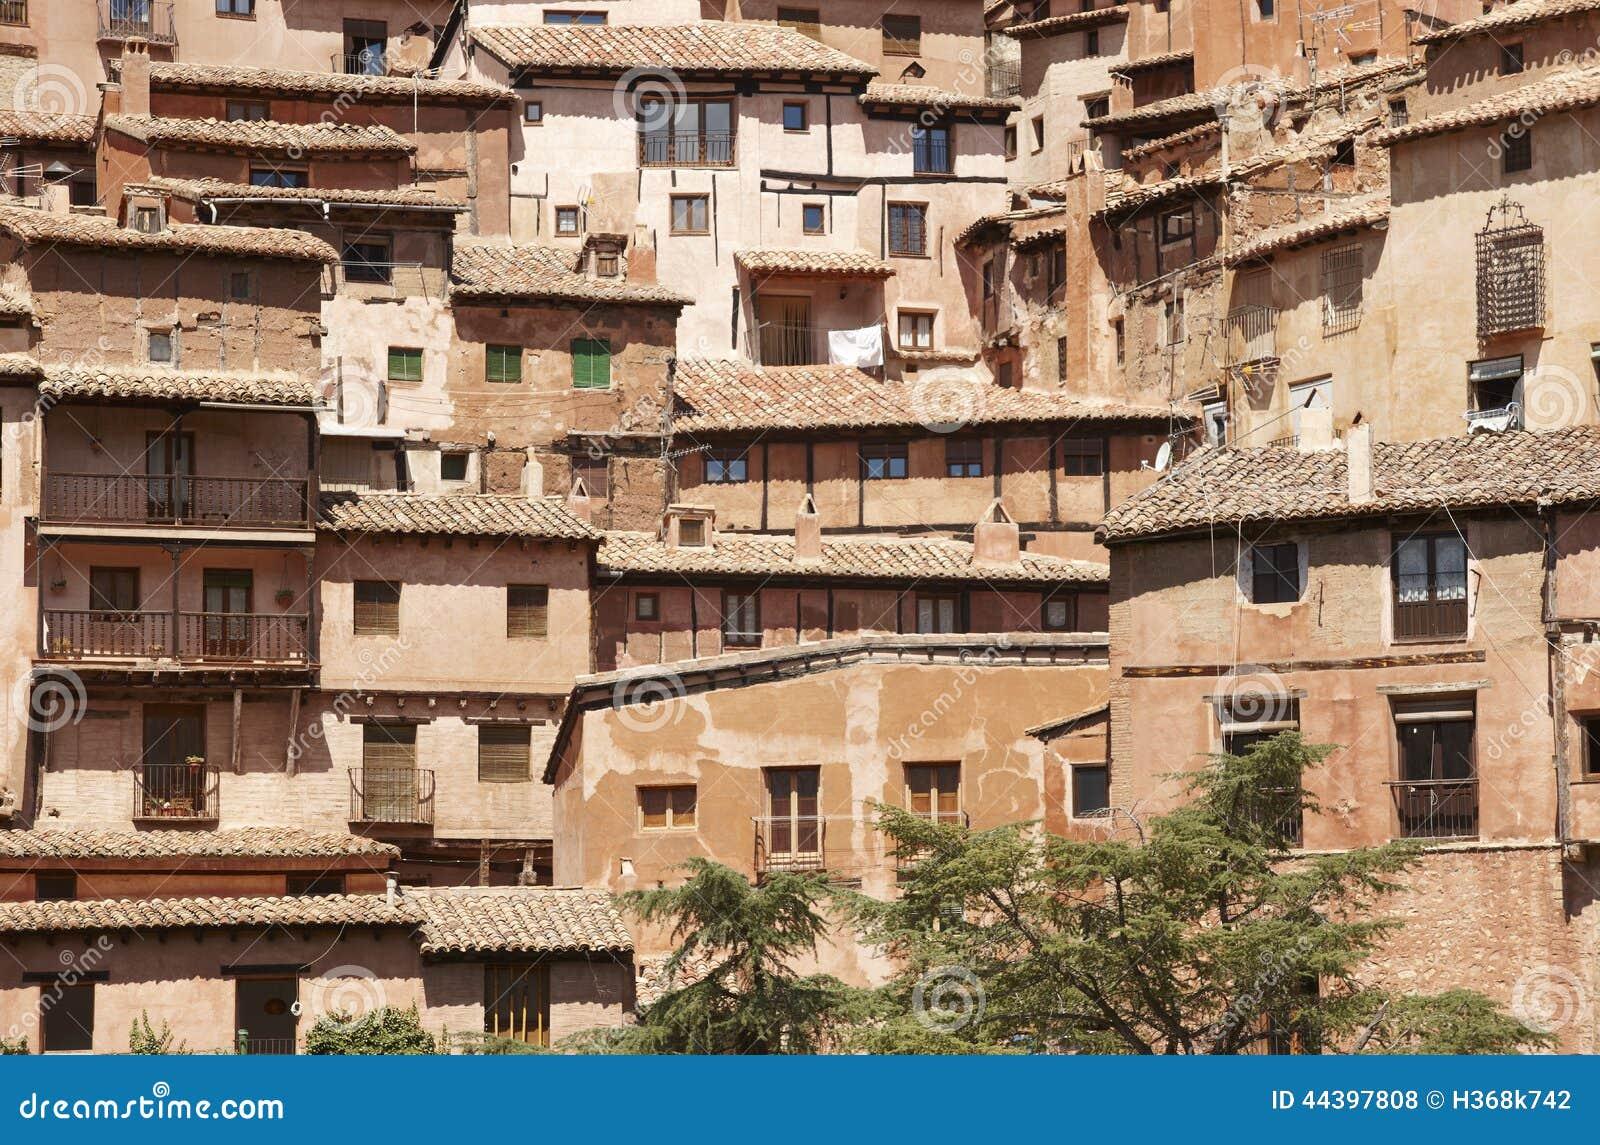 Ciudad pintoresca en espa a casas antiguas albarracin - Casas sostenibles espana ...